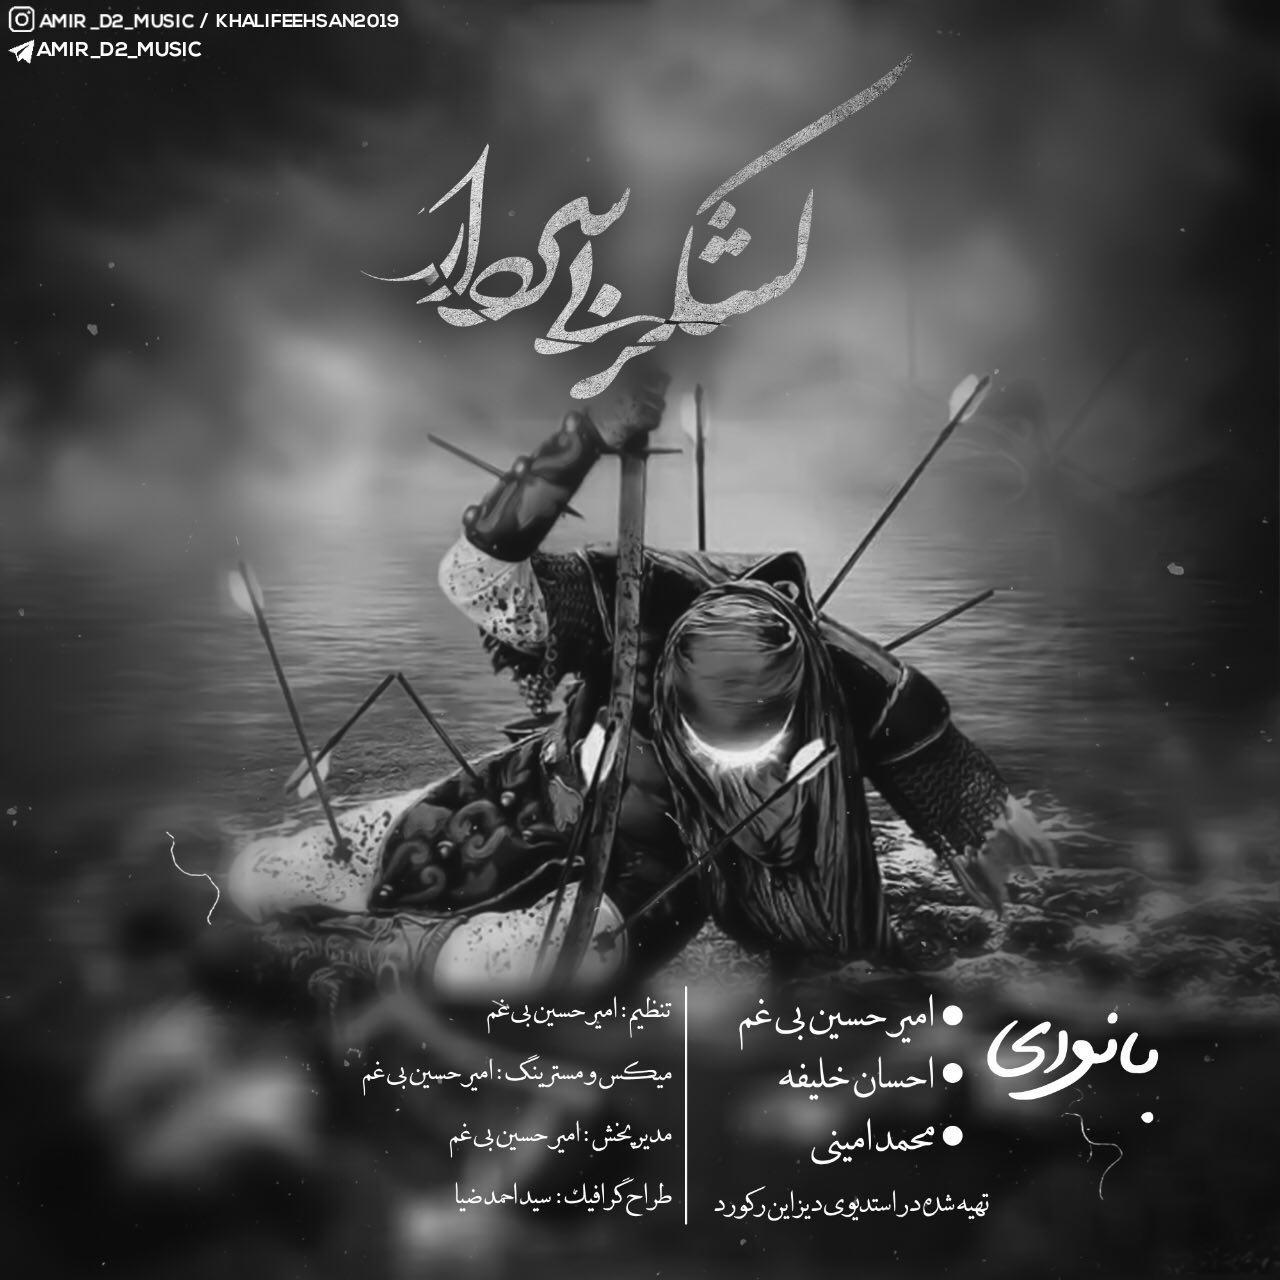 دانلود آهنگ جدید امیر حسین بی غم ؛ احسان خلیفه و محمد امینی به نام لشکر بی سردار